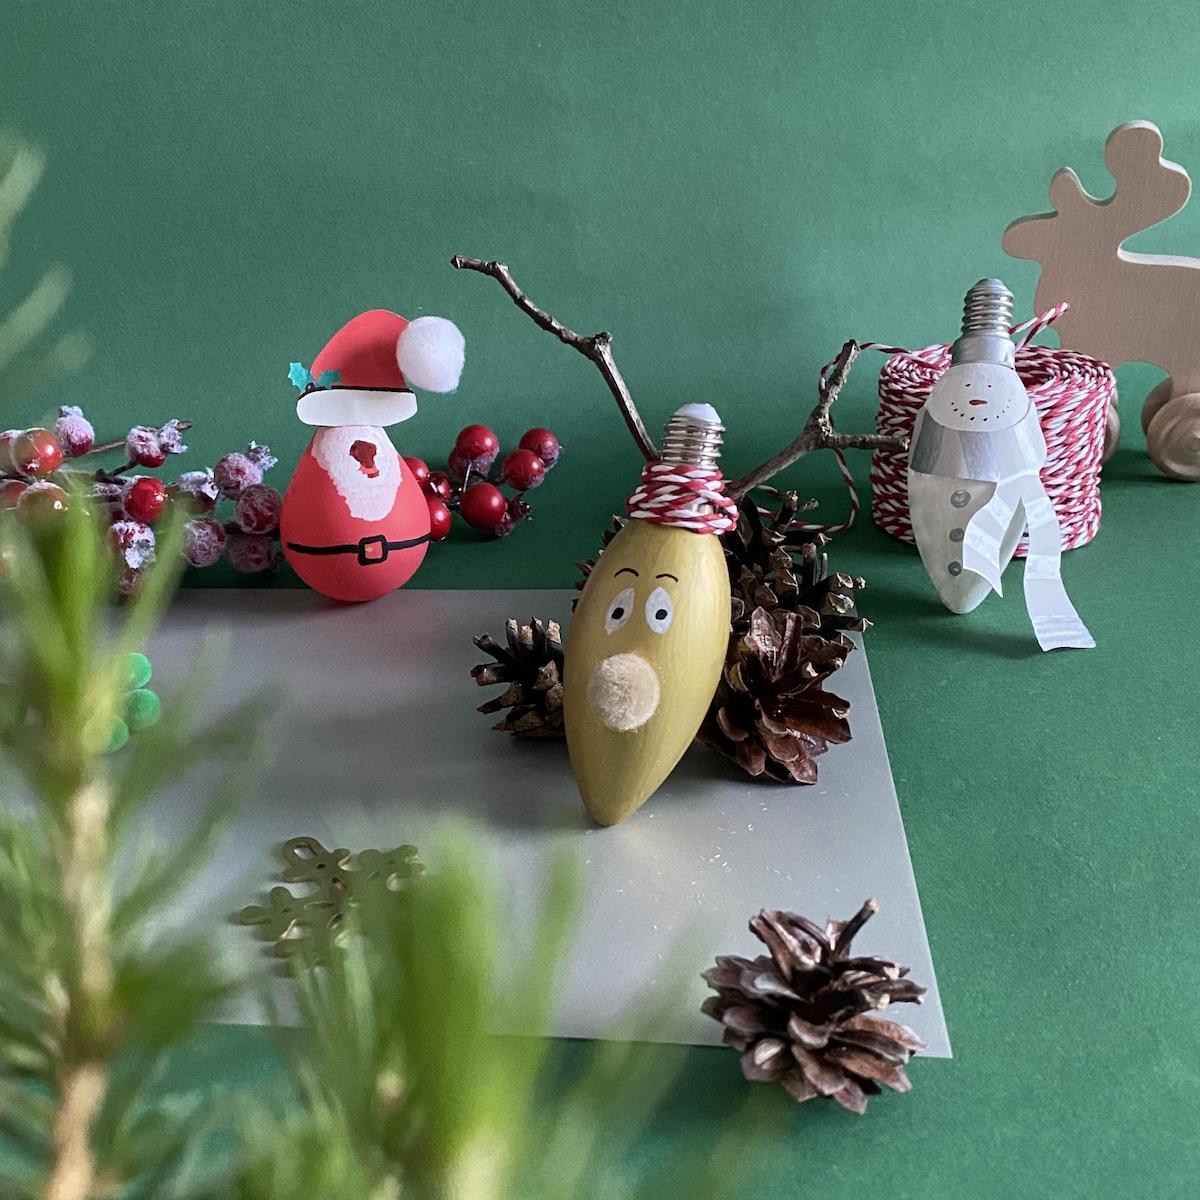 activité manuelle créer soi-même ses décoration de sapin Noël